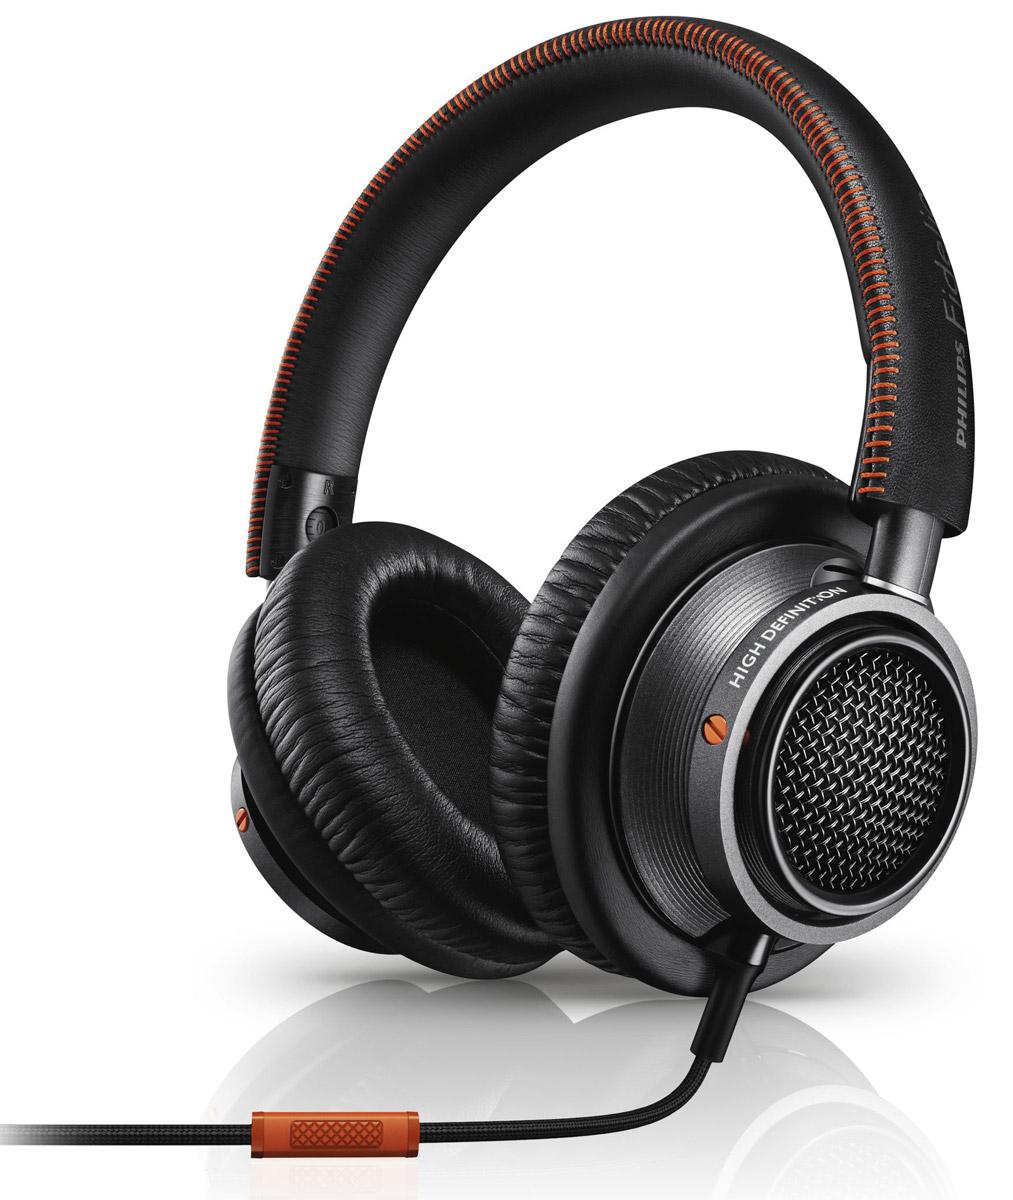 Philips L2BO/00 наушникиL2BO/00Наушники Fidelio L2 с микрофоном — это сочетание высоких стандартов звука и комфорта при прослушивании. Они созданы экспертами в области звука для максимально естественного и реалистичного звучания. Высочайшее качество сборки обеспечивает долгий срок службы. Звук высокого разрешения обеспечивает максимально качественное воспроизведение музыки: Звук высокого разрешения обеспечивает превосходное качество воспроизведения, которое гораздо ближе к студийному, чем форматы CD 16 бит/44,1 кГц. Благодаря такому безупречному качеству звук высокого разрешения не оставит равнодушным ни одного меломана. Наушники Fidelio соответствуют строжайшим стандартам качества и сертифицированы для воспроизведения звука высокого разрешения. Независимо от источника звука, будь то коллекция высококачественных музыкальных треков или более традиционные музыкальные композиции, наушники Fidelio обеспечивают безупречное звучание с расширенным диапазоном высоких частот, что позволяет...